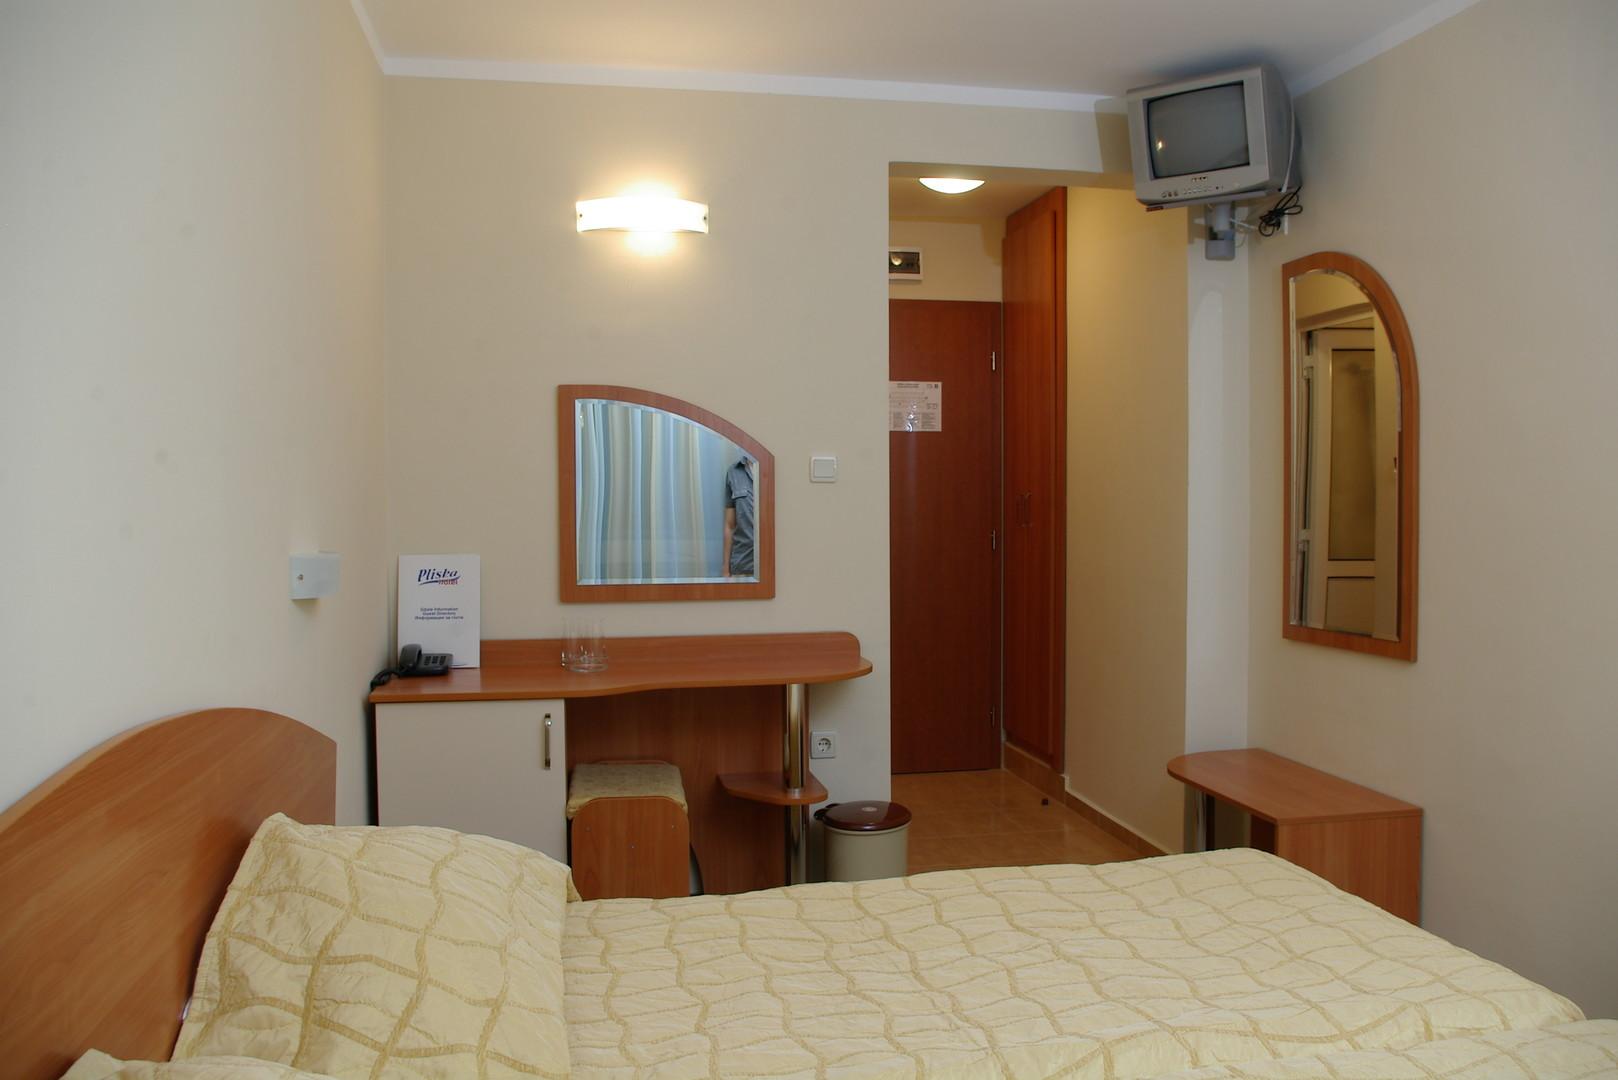 Hotel Pliska #4